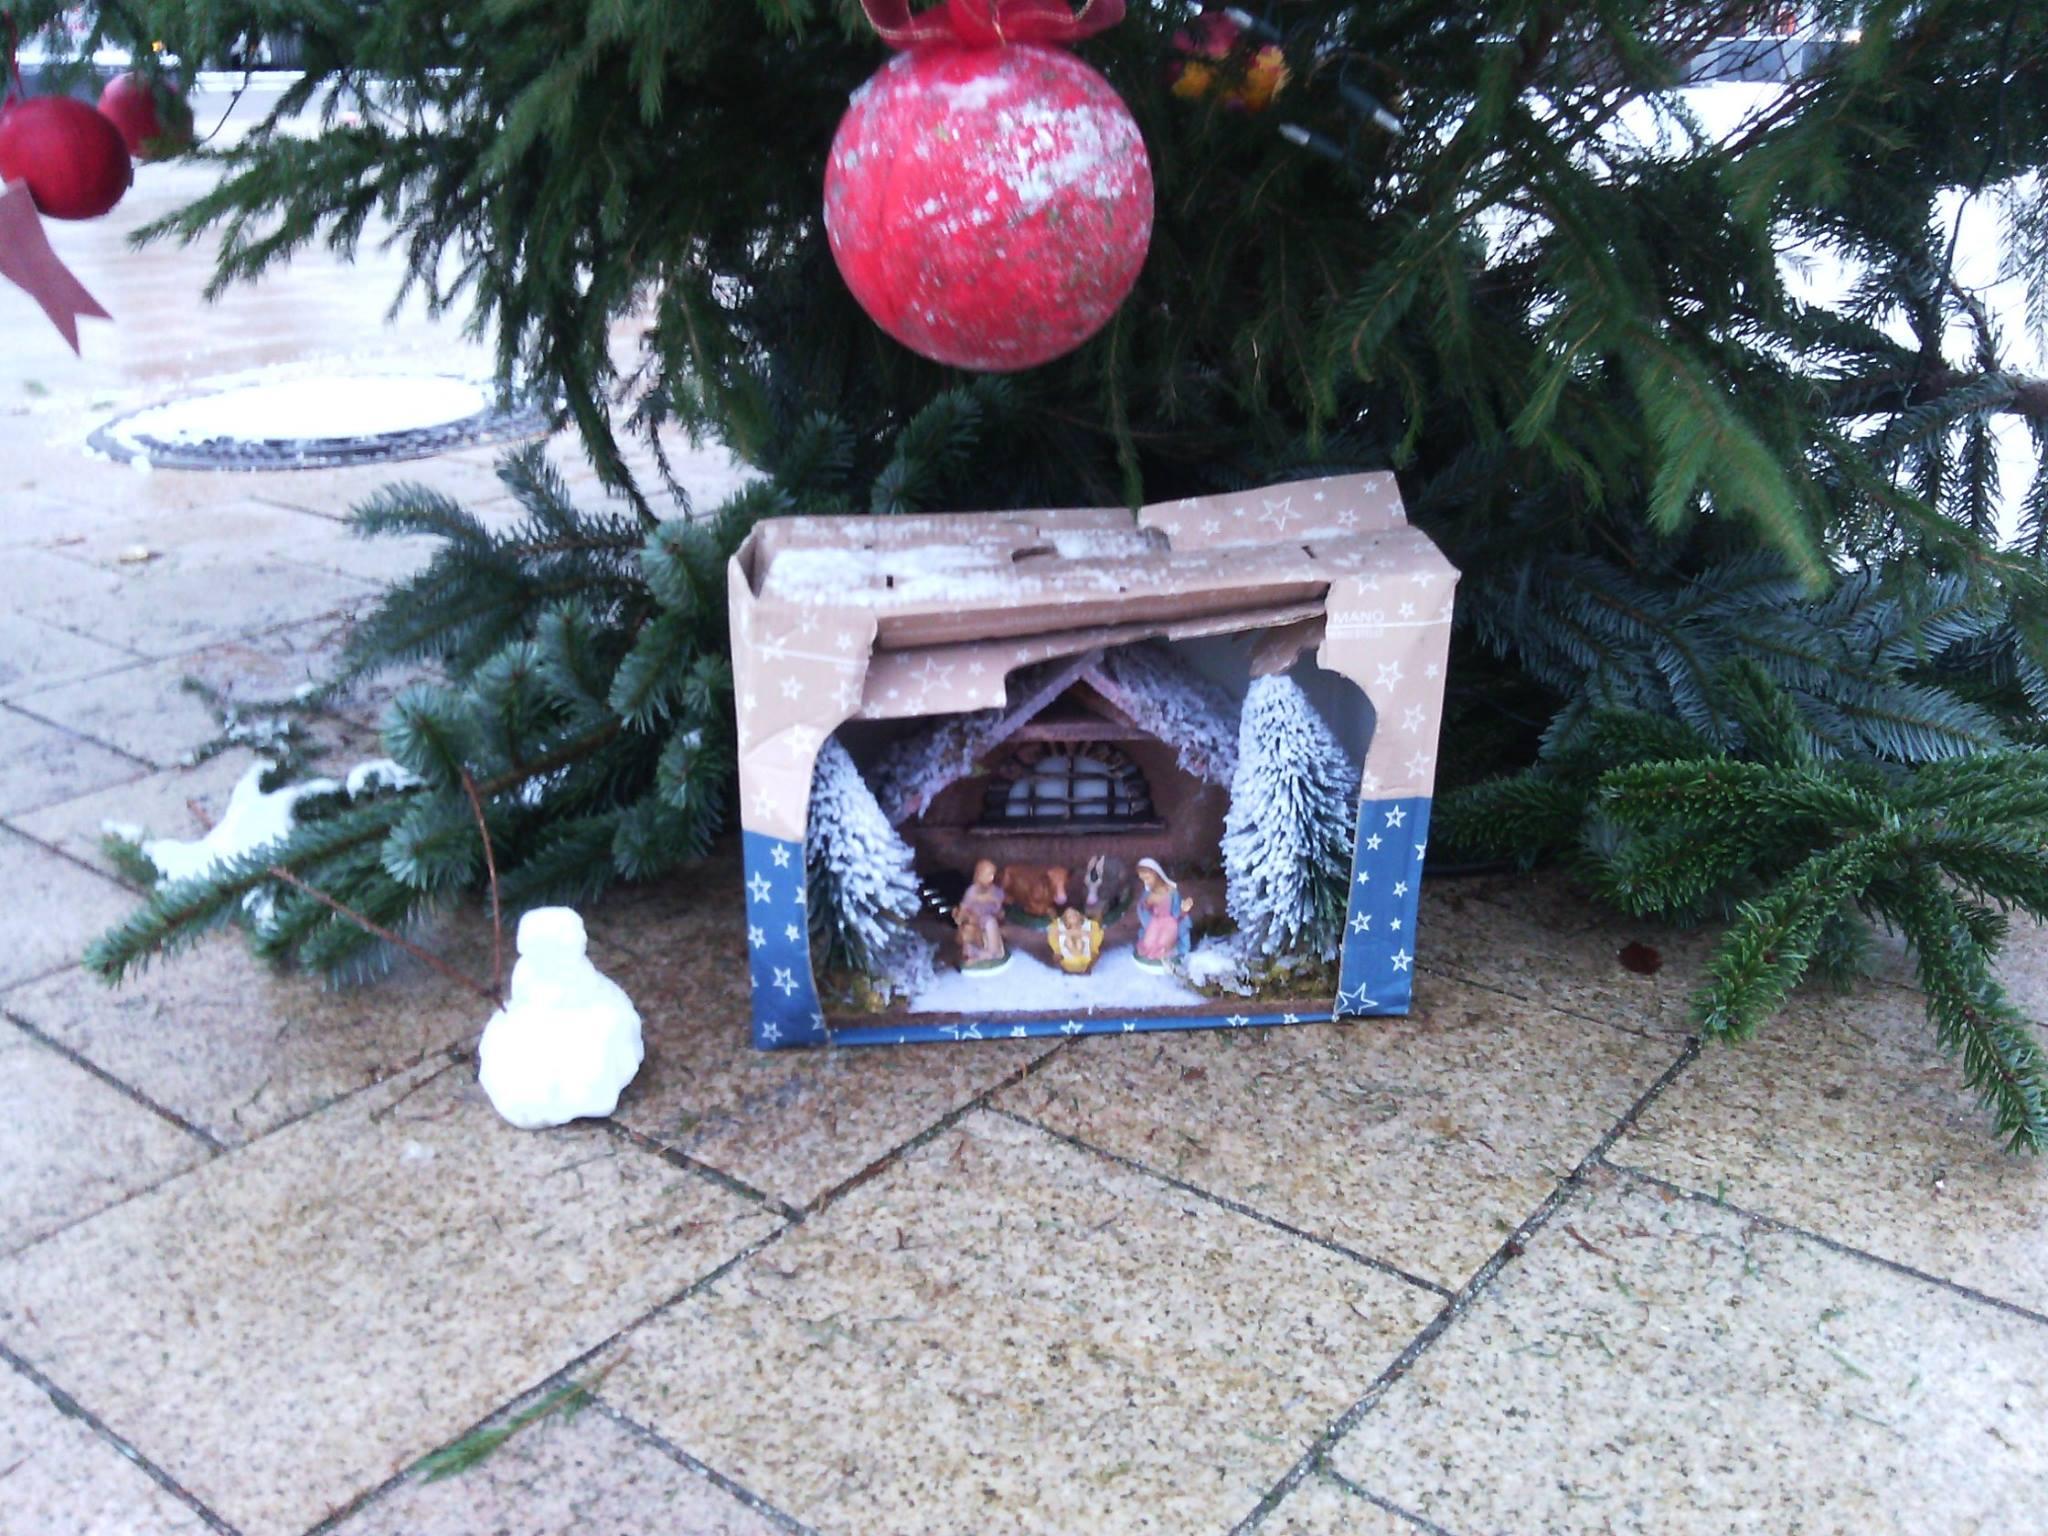 B rgerinnenverein rieselfeld oh tannenbaum es weihnachtet sehr - Weihnachtsbaumverkauf obi ...